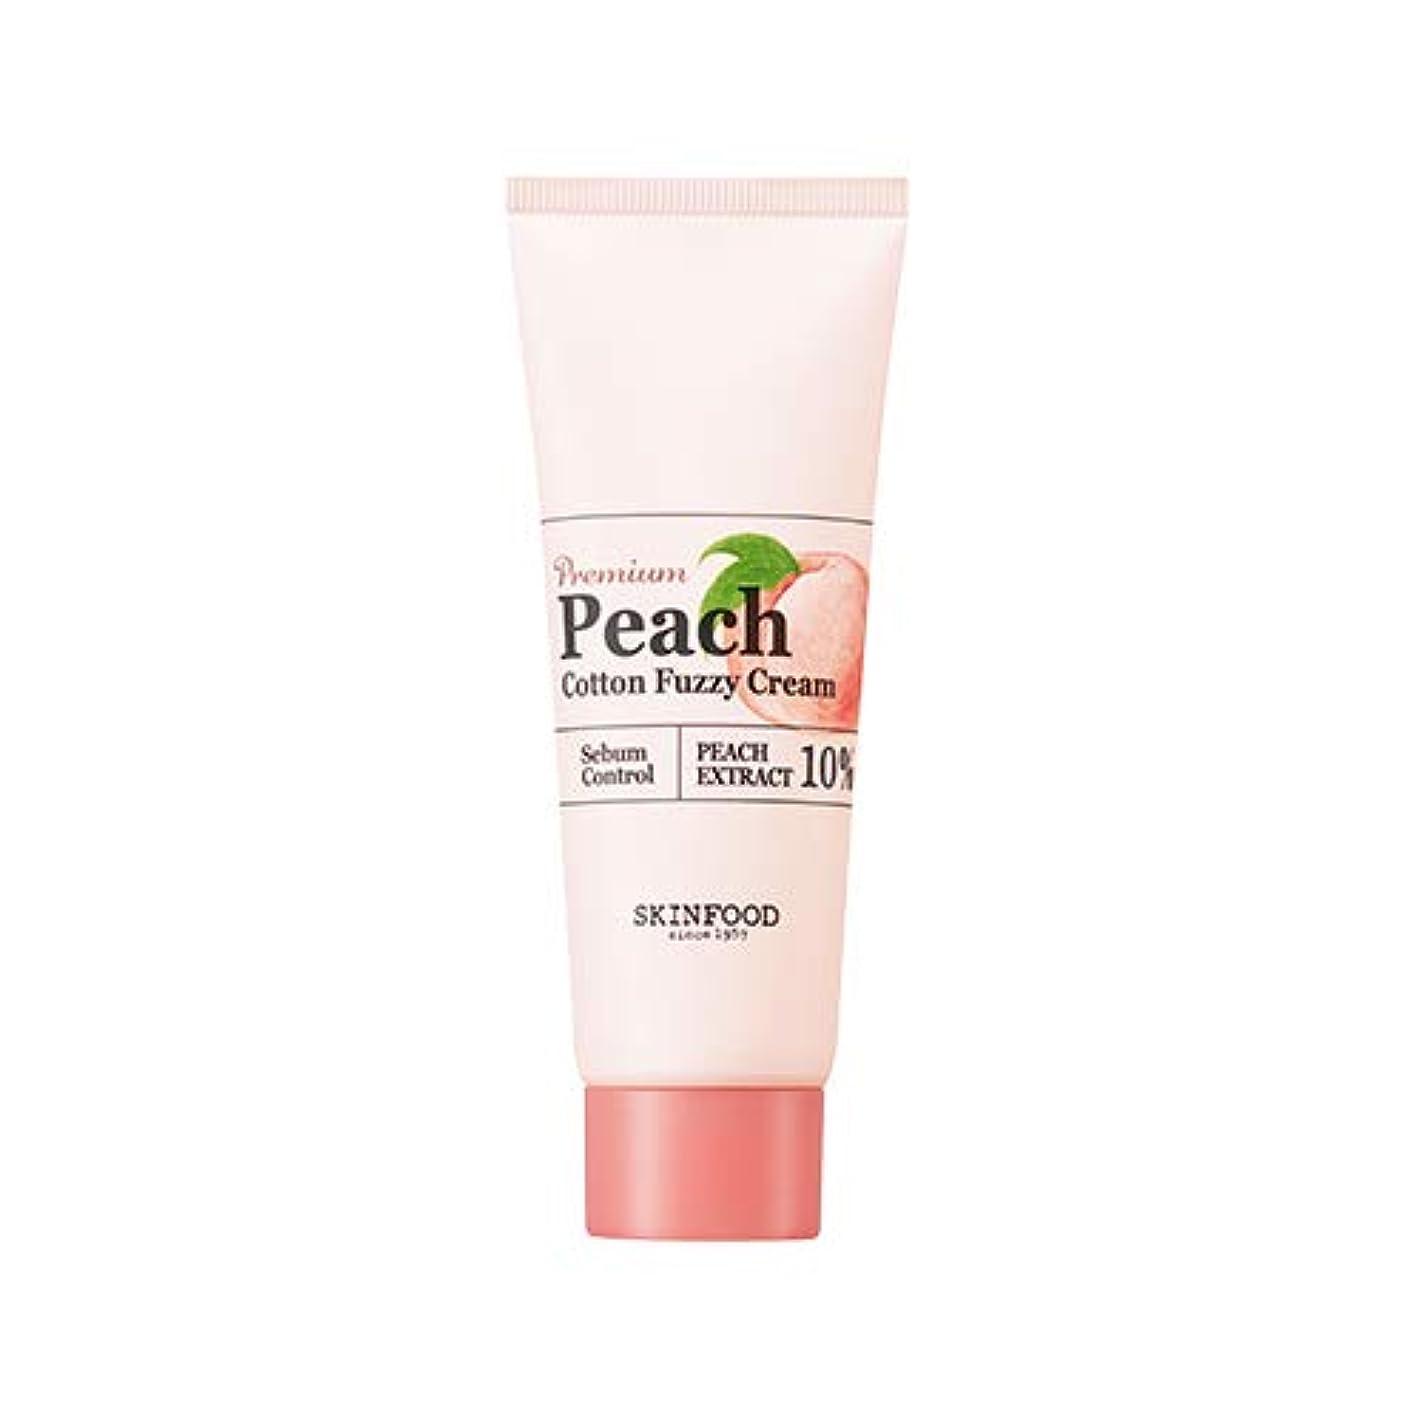 オフェンスひどいスティーブンソンSkinfood プレミアムピーチコットンファジークリーム/Premium Peach Cotton Fuzzy Cream 65ml [並行輸入品]